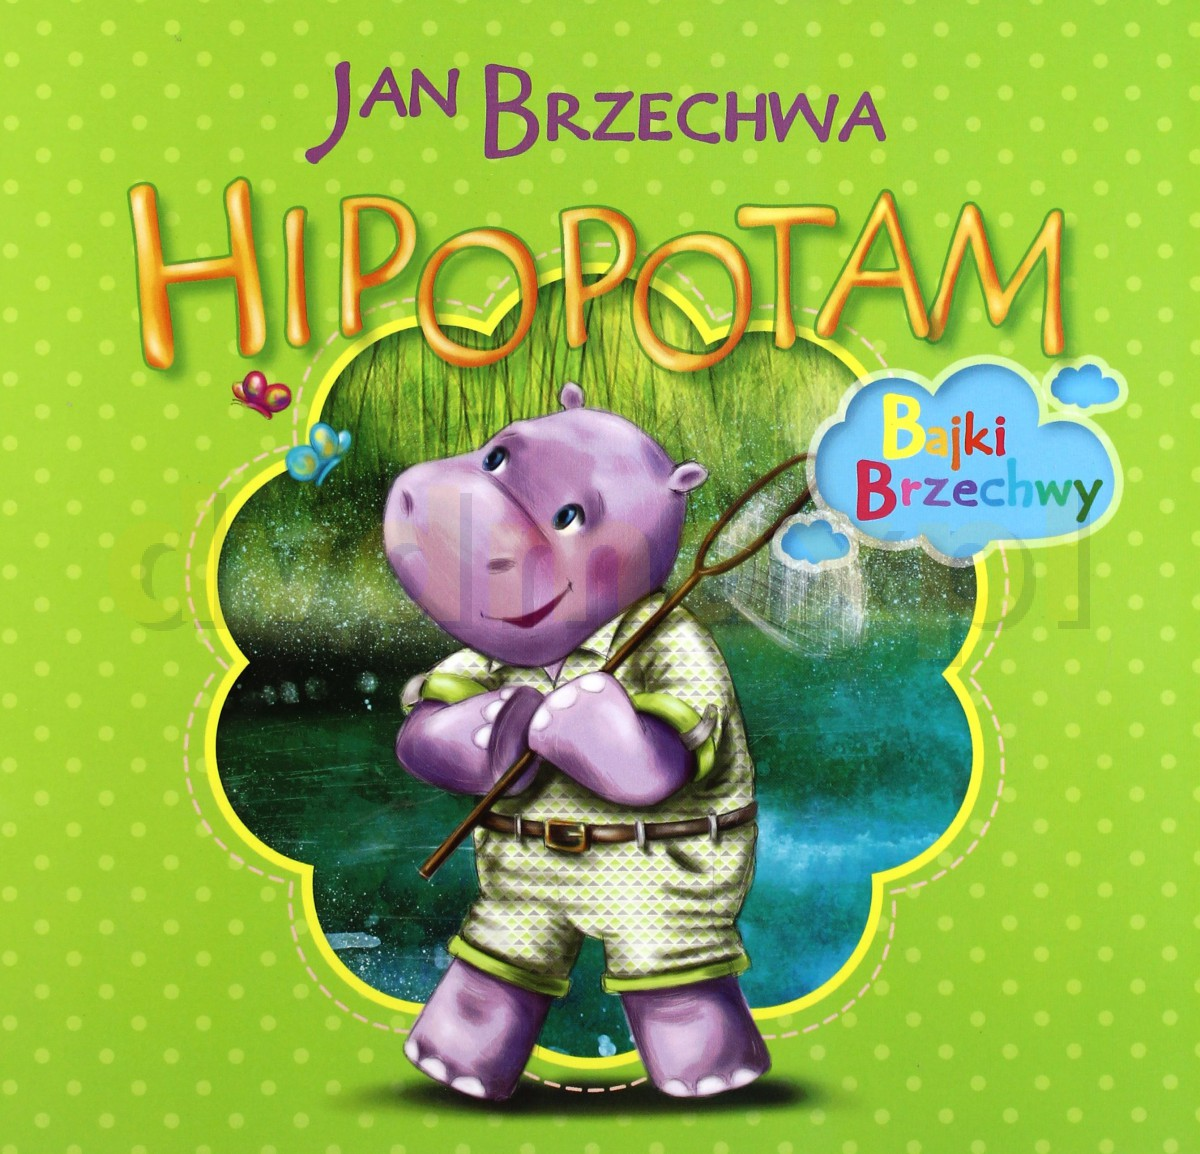 Hipopotam - Jan Brzechwa [KSIĄŻKA] - Jan Brzechwa